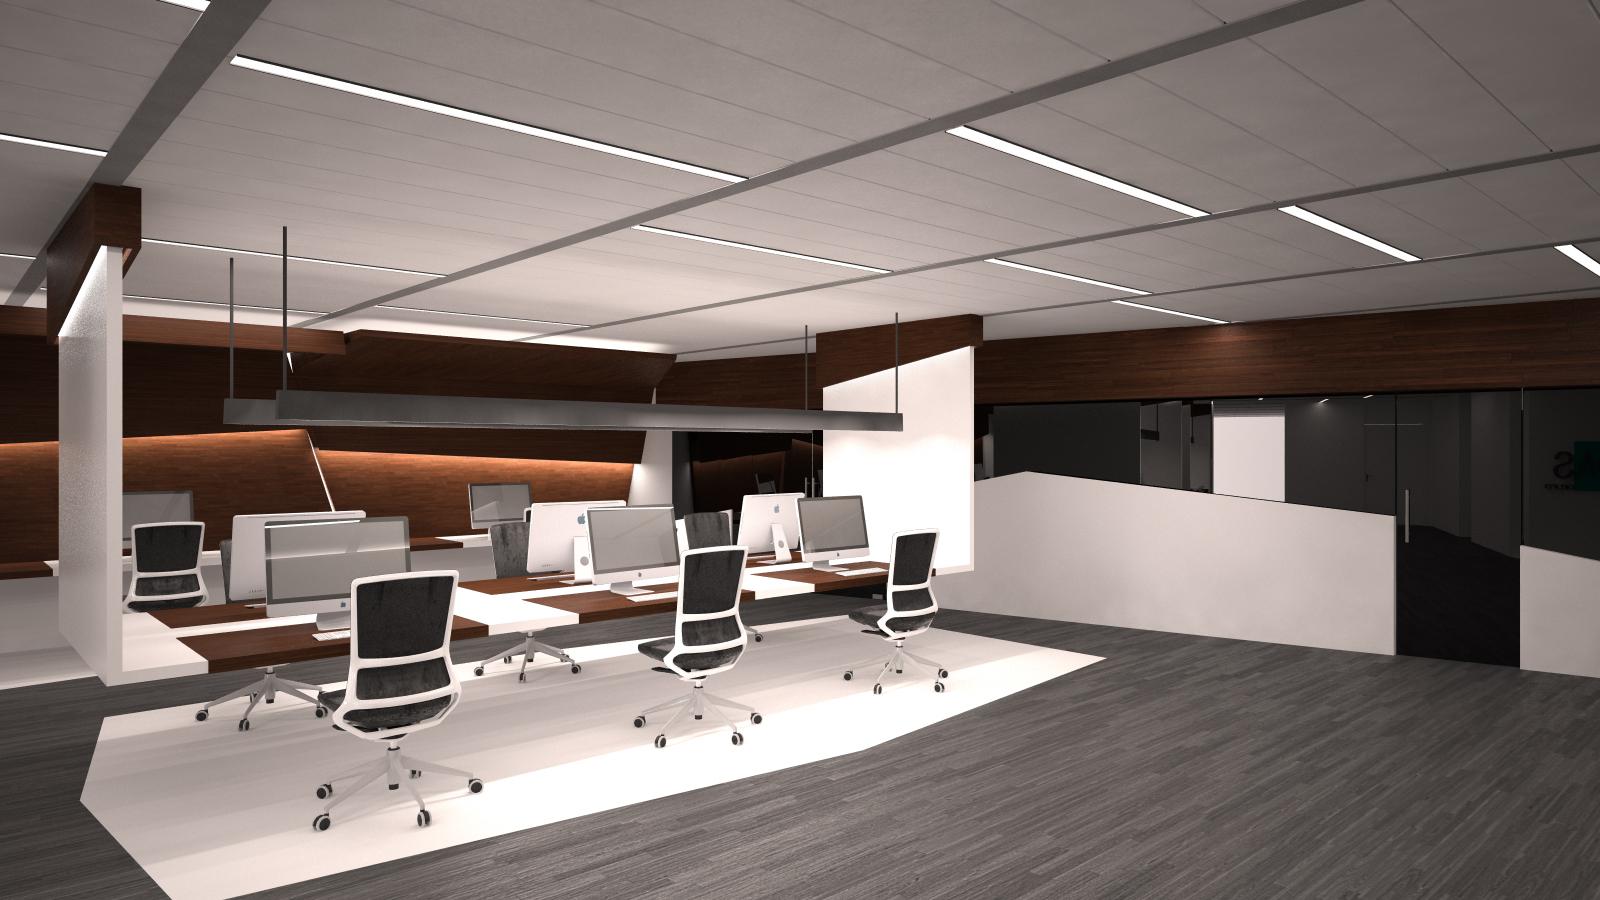 Dise o de oficinas en madrid grupoias for Vaciado de oficinas en madrid